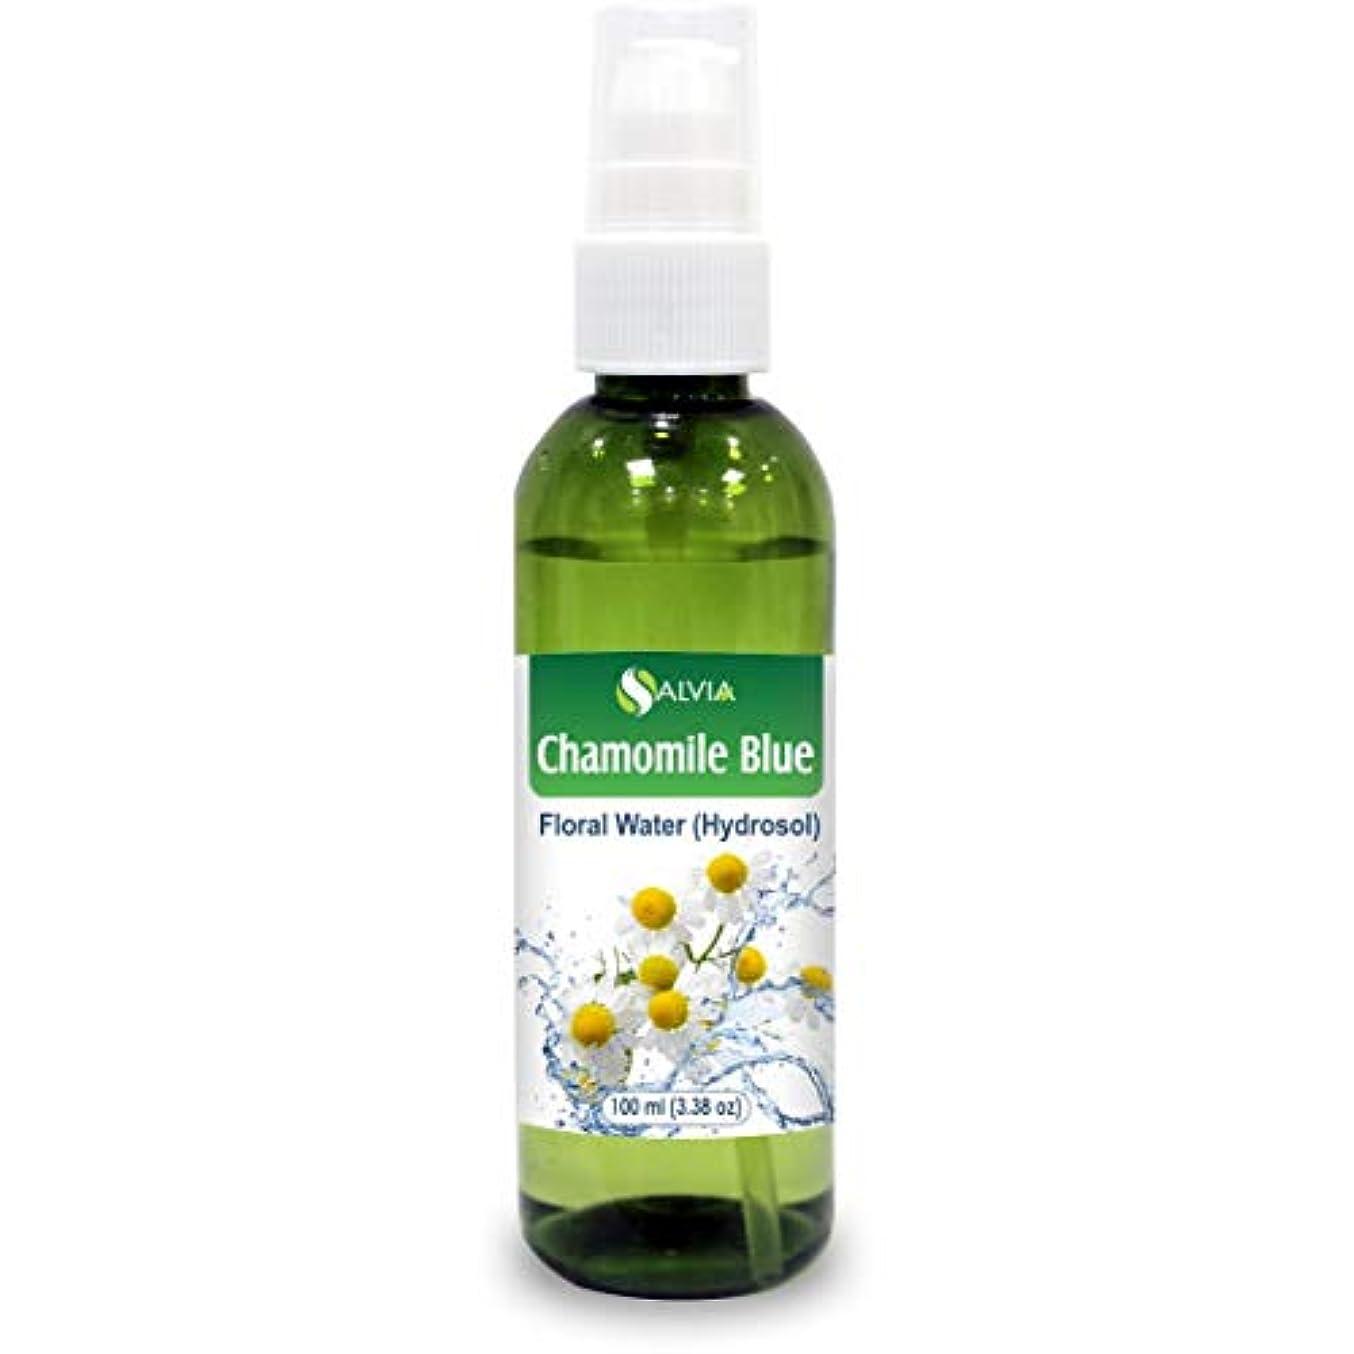 肌寒いそれぞれカンガルーChamomile Oil, Blue Floral Water 100ml (Hydrosol) 100% Pure And Natural